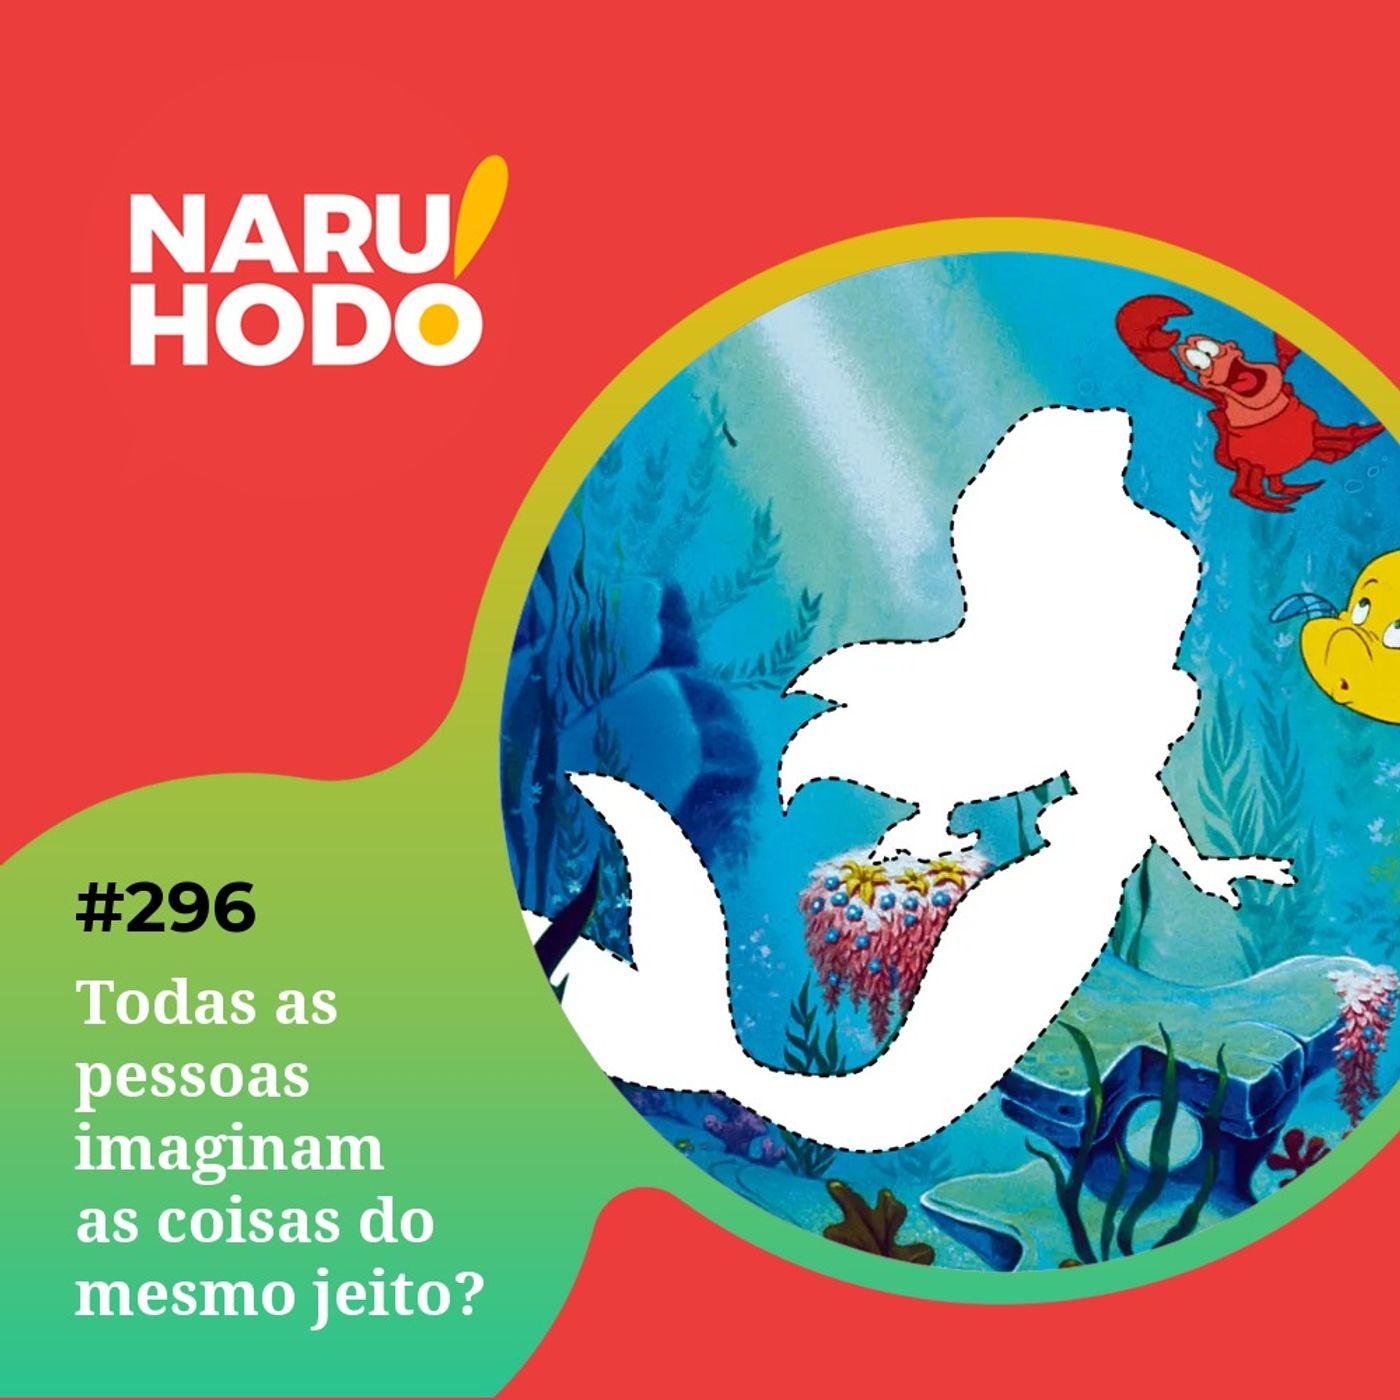 Naruhodo #296 - Todas as pessoas imaginam as coisas do mesmo jeito?